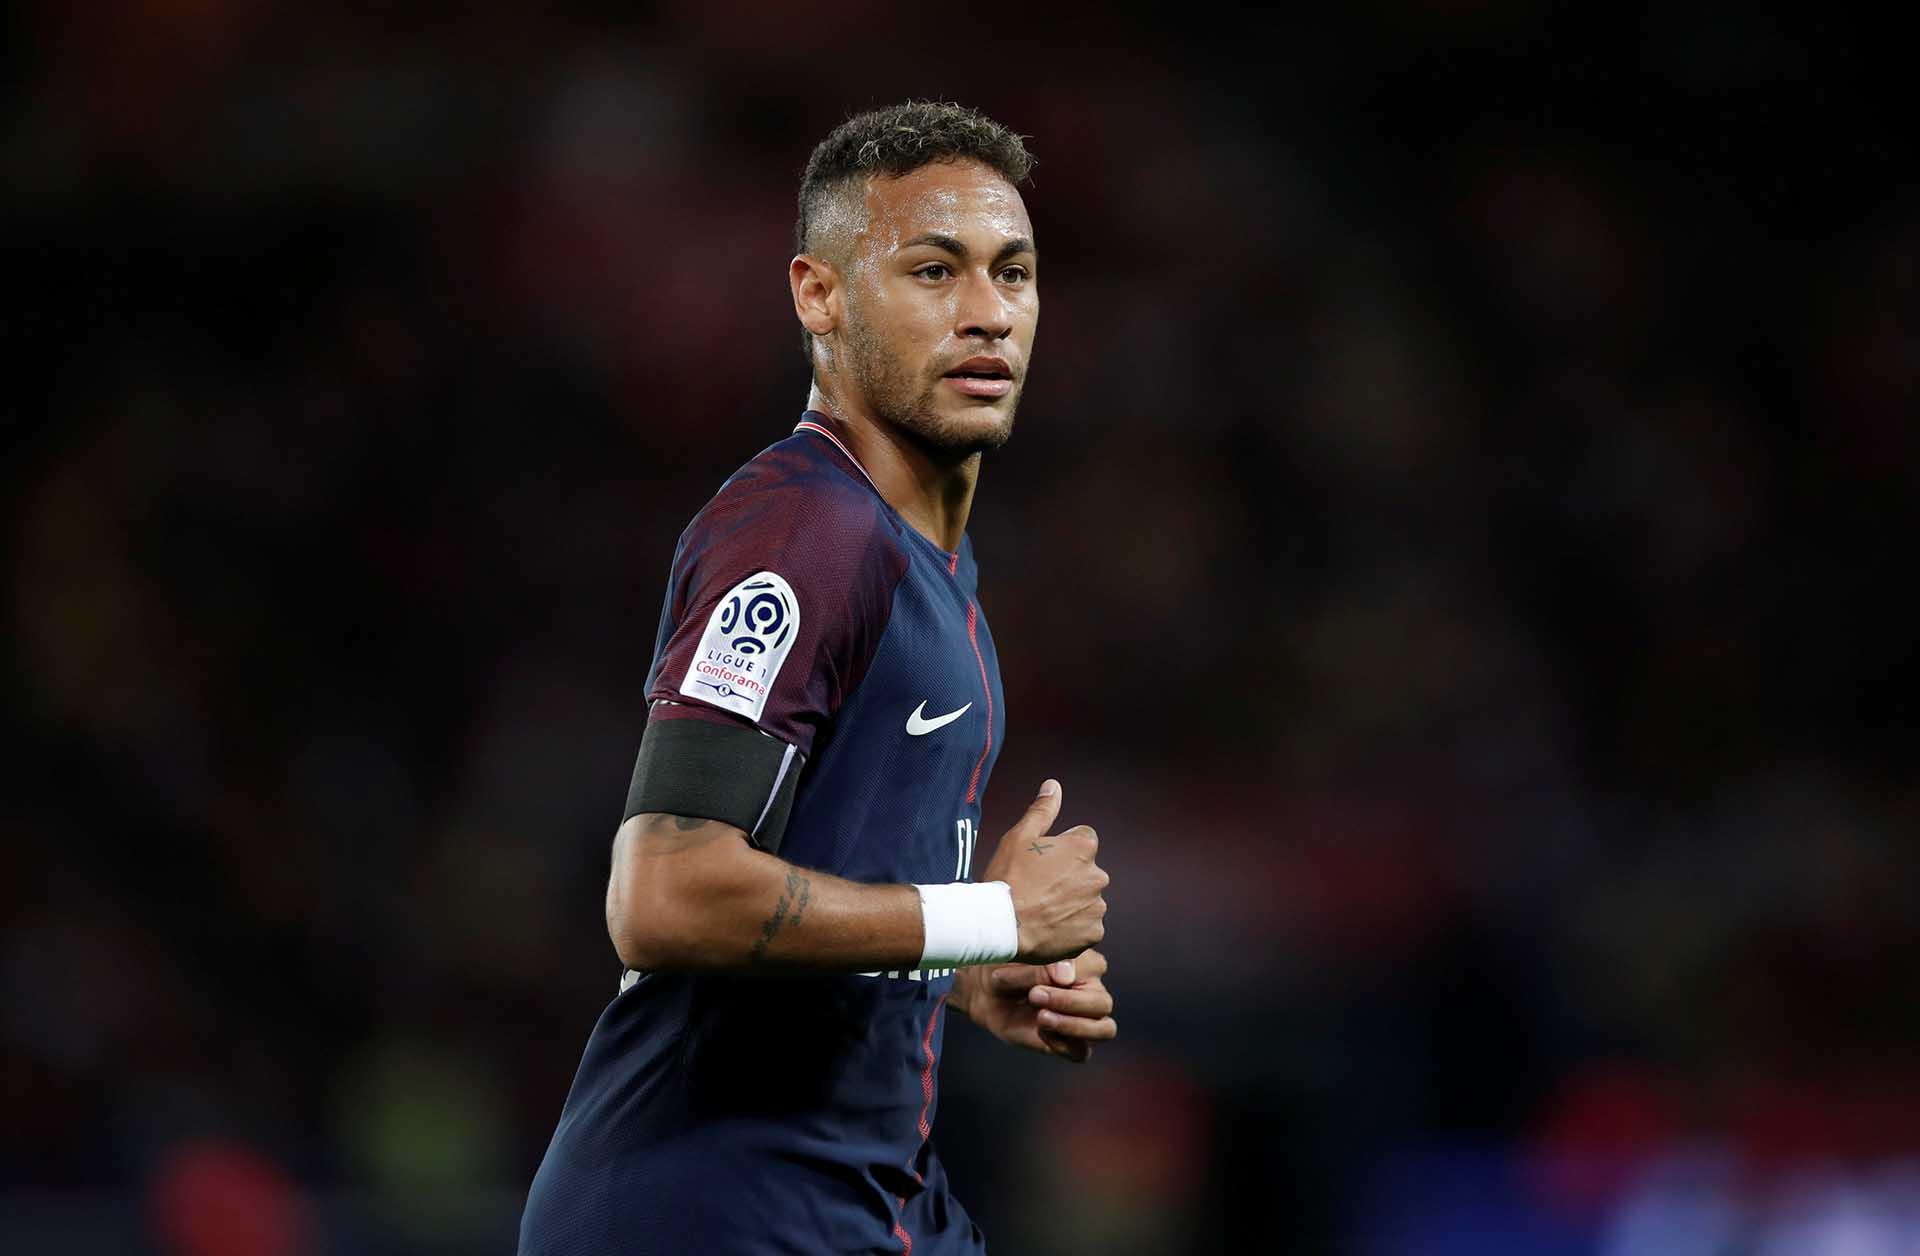 El PSG ganó los tres partidos disputados de la Ligue 1